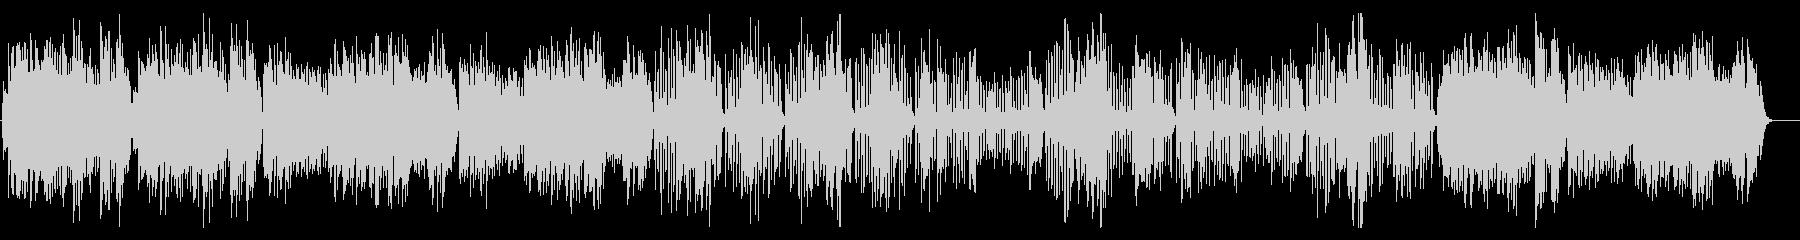 ボッケリーニ/メヌエット/ヴァイオリンの未再生の波形